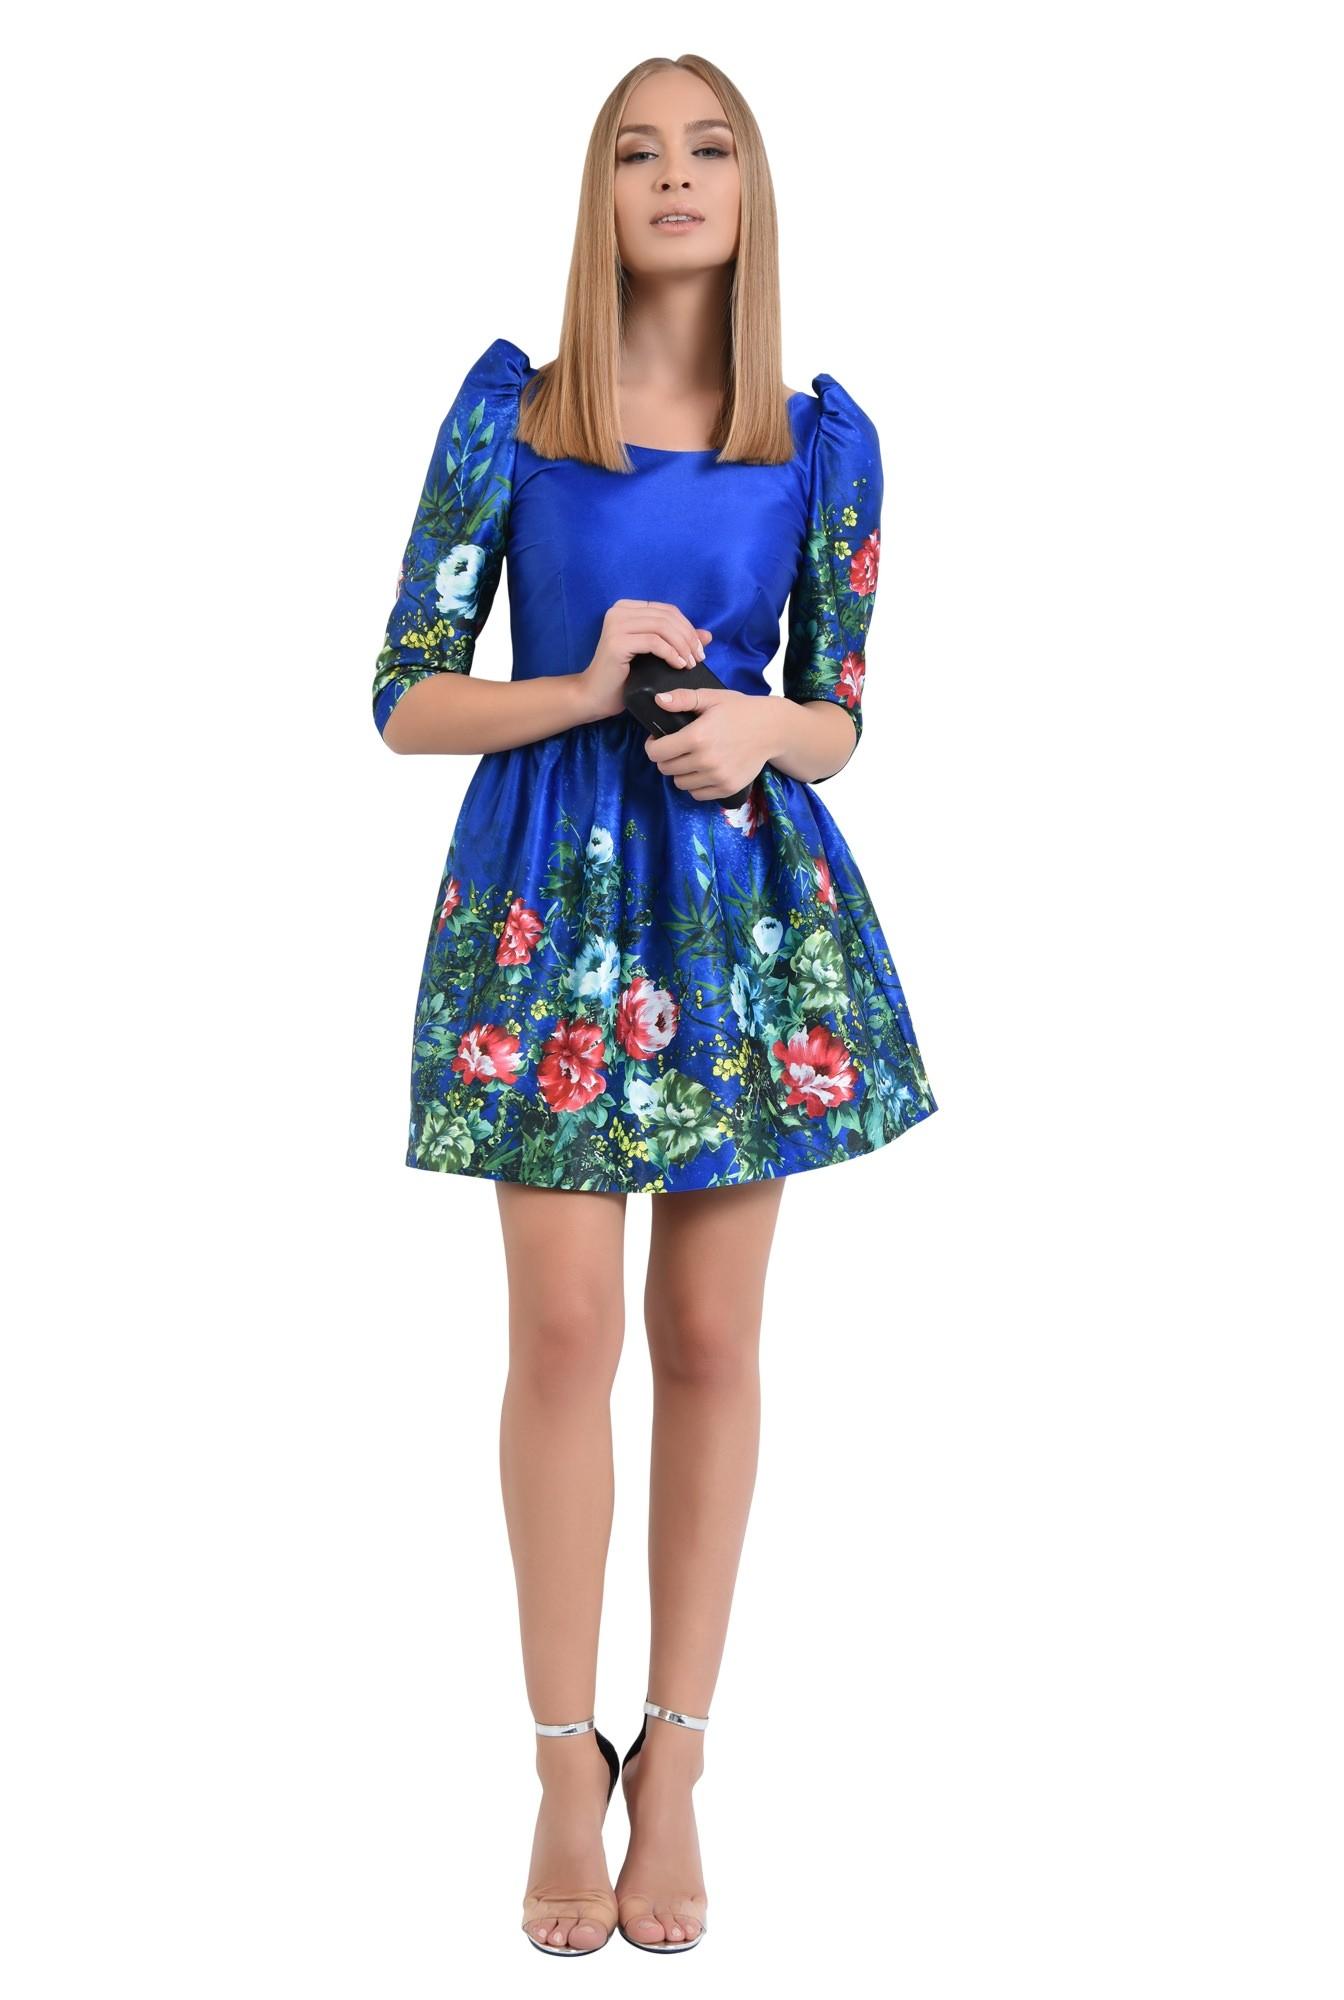 0 - rochie de ocazie, tafta cu imprimeu, albastru, flori